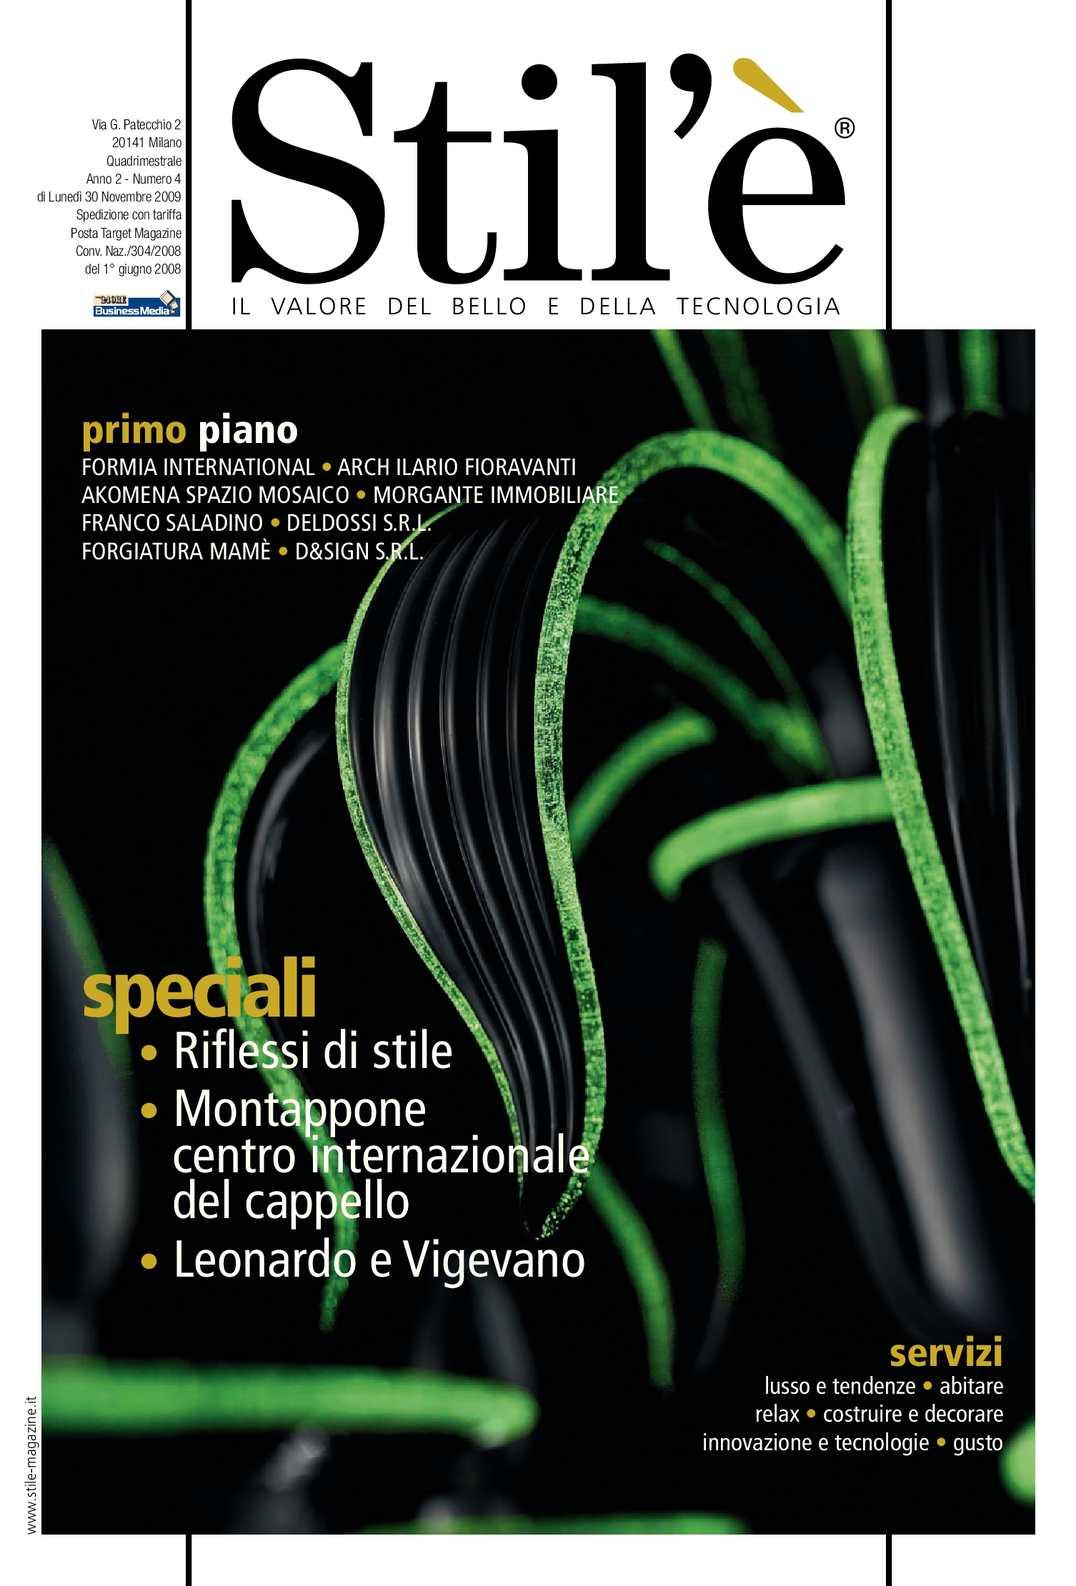 Stil Arredobagno Prata.Calameo Stil E Magazine Novembre 2009